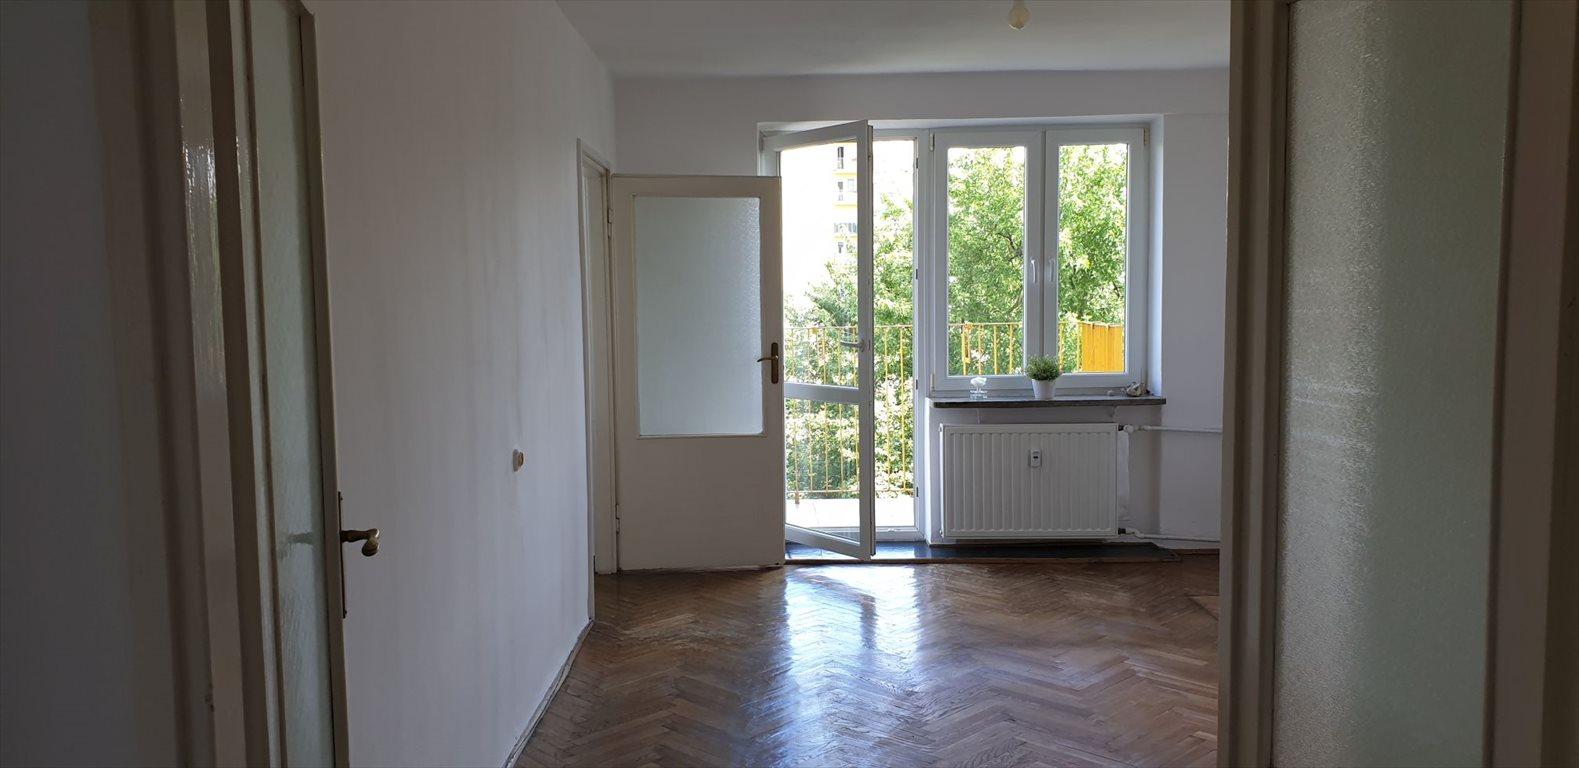 Mieszkanie trzypokojowe na sprzedaż Warszawa, Praga-Południe, Grochów, Garwolińska  48m2 Foto 4